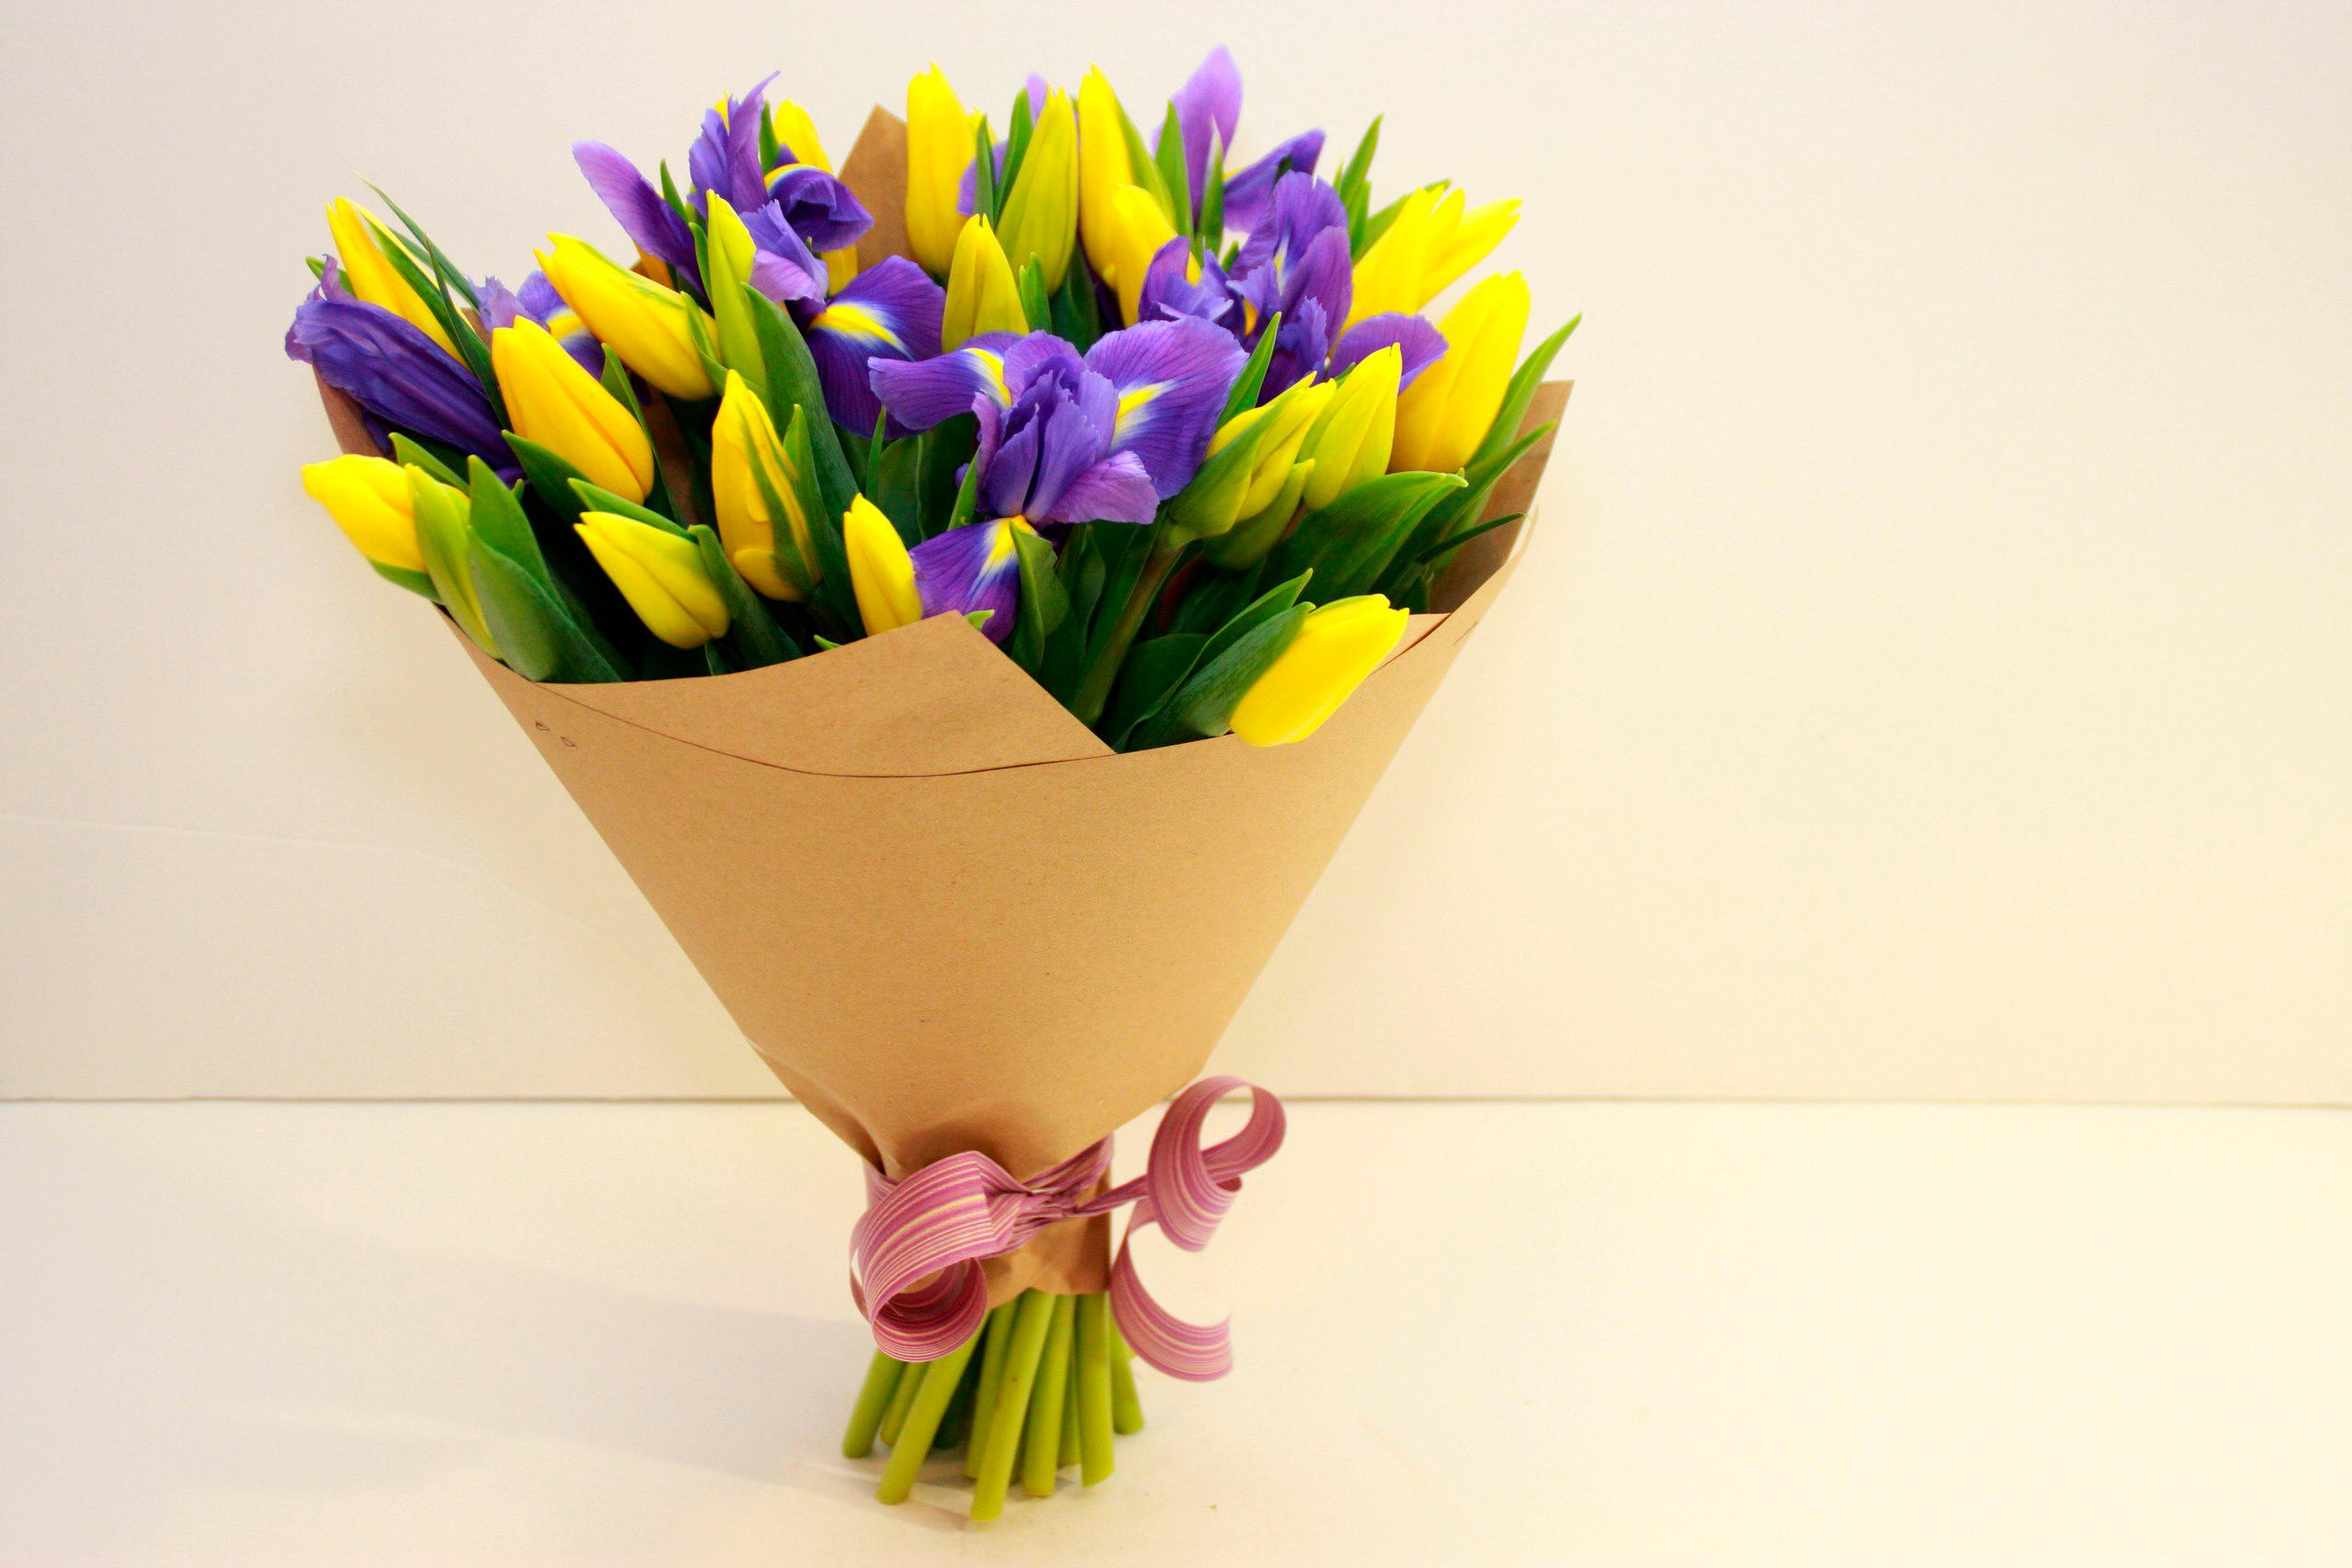 tulip-photo-148